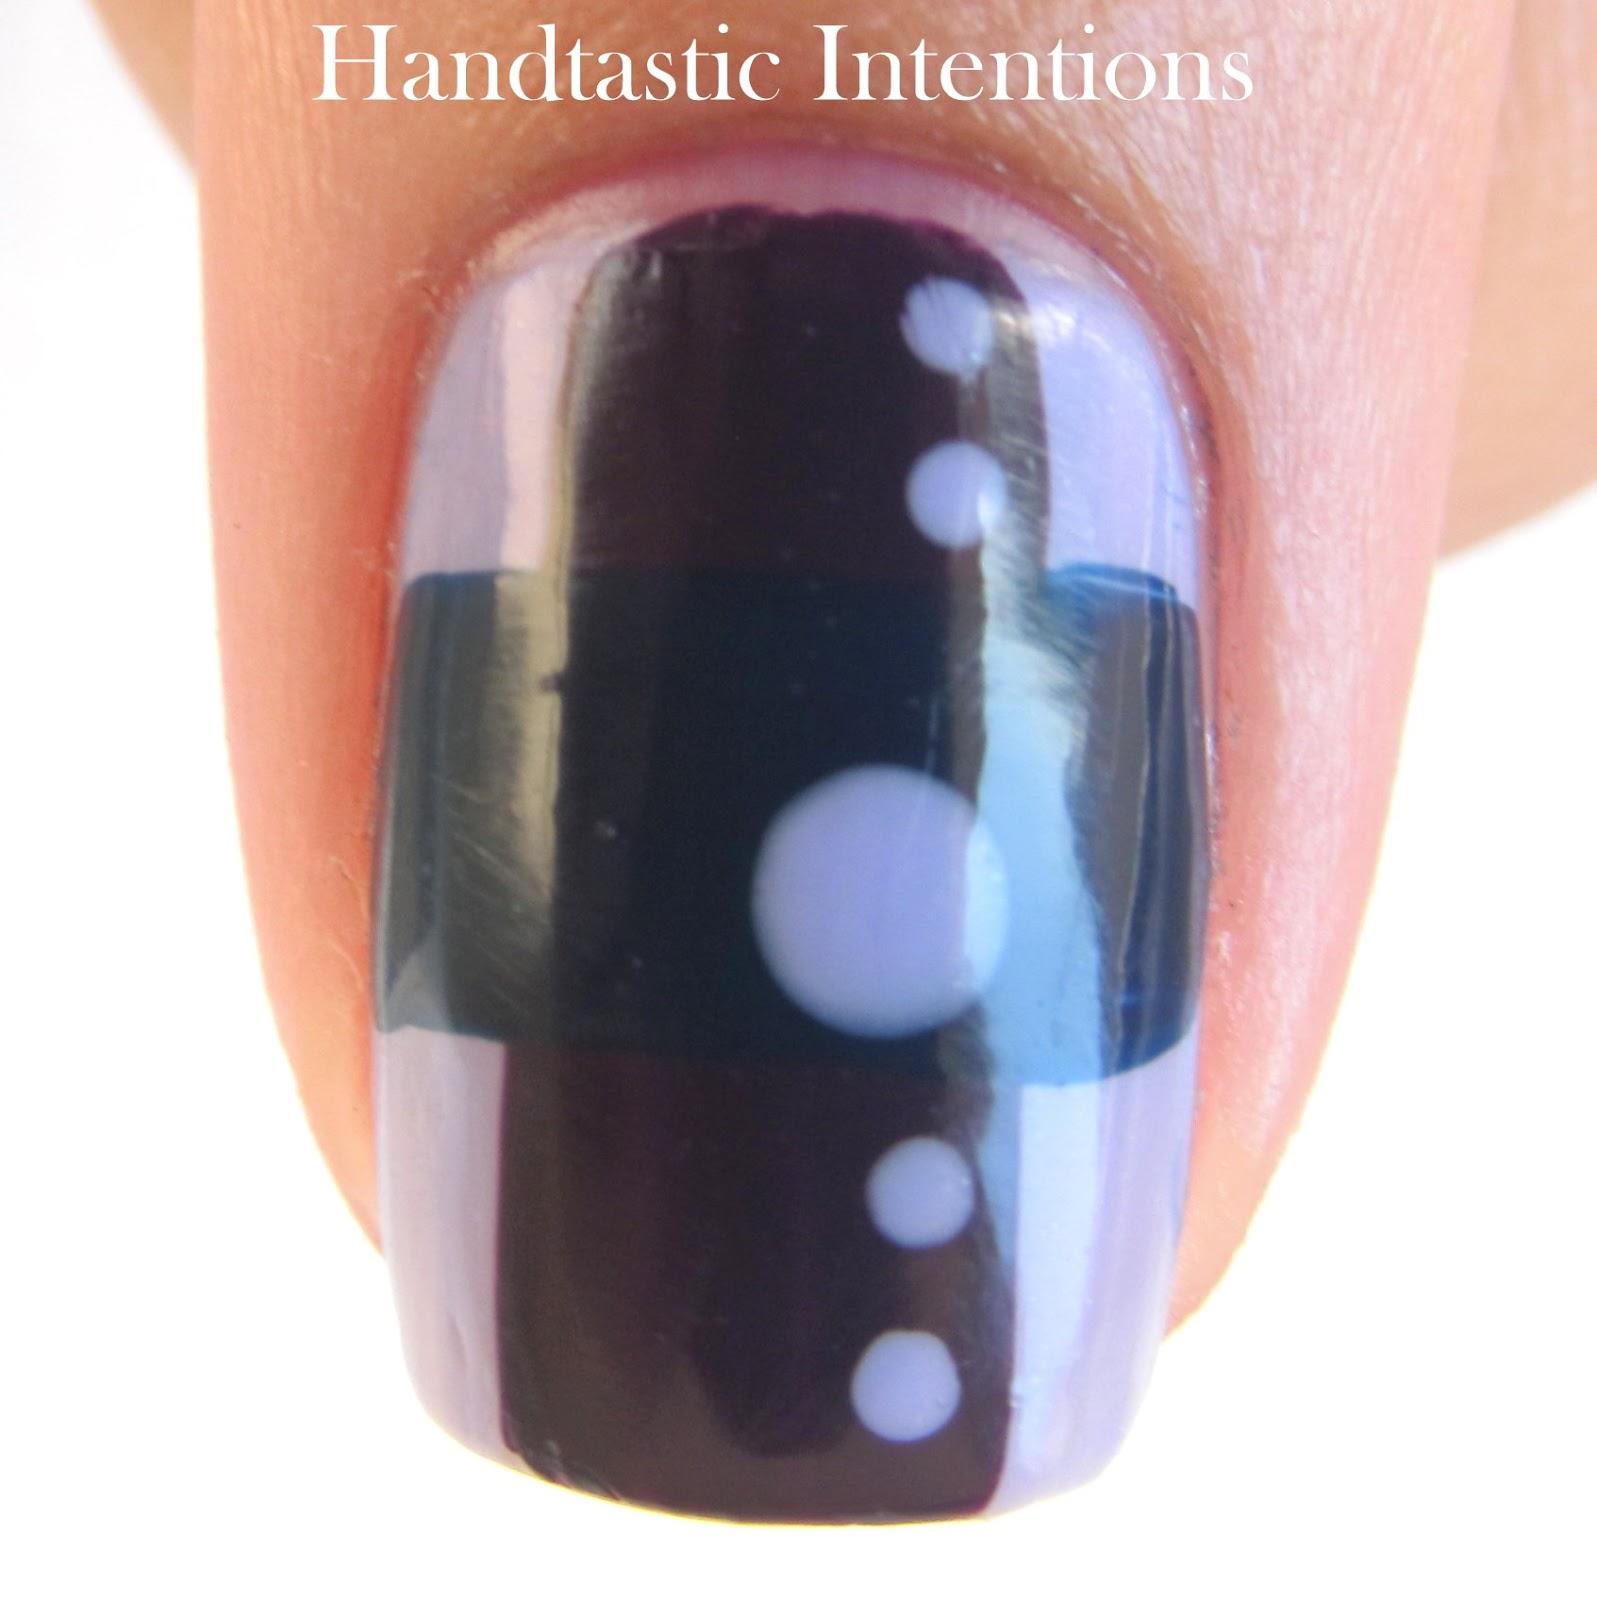 Euro Nail: Handtastic Intentions: Nail Art: Euro Mod